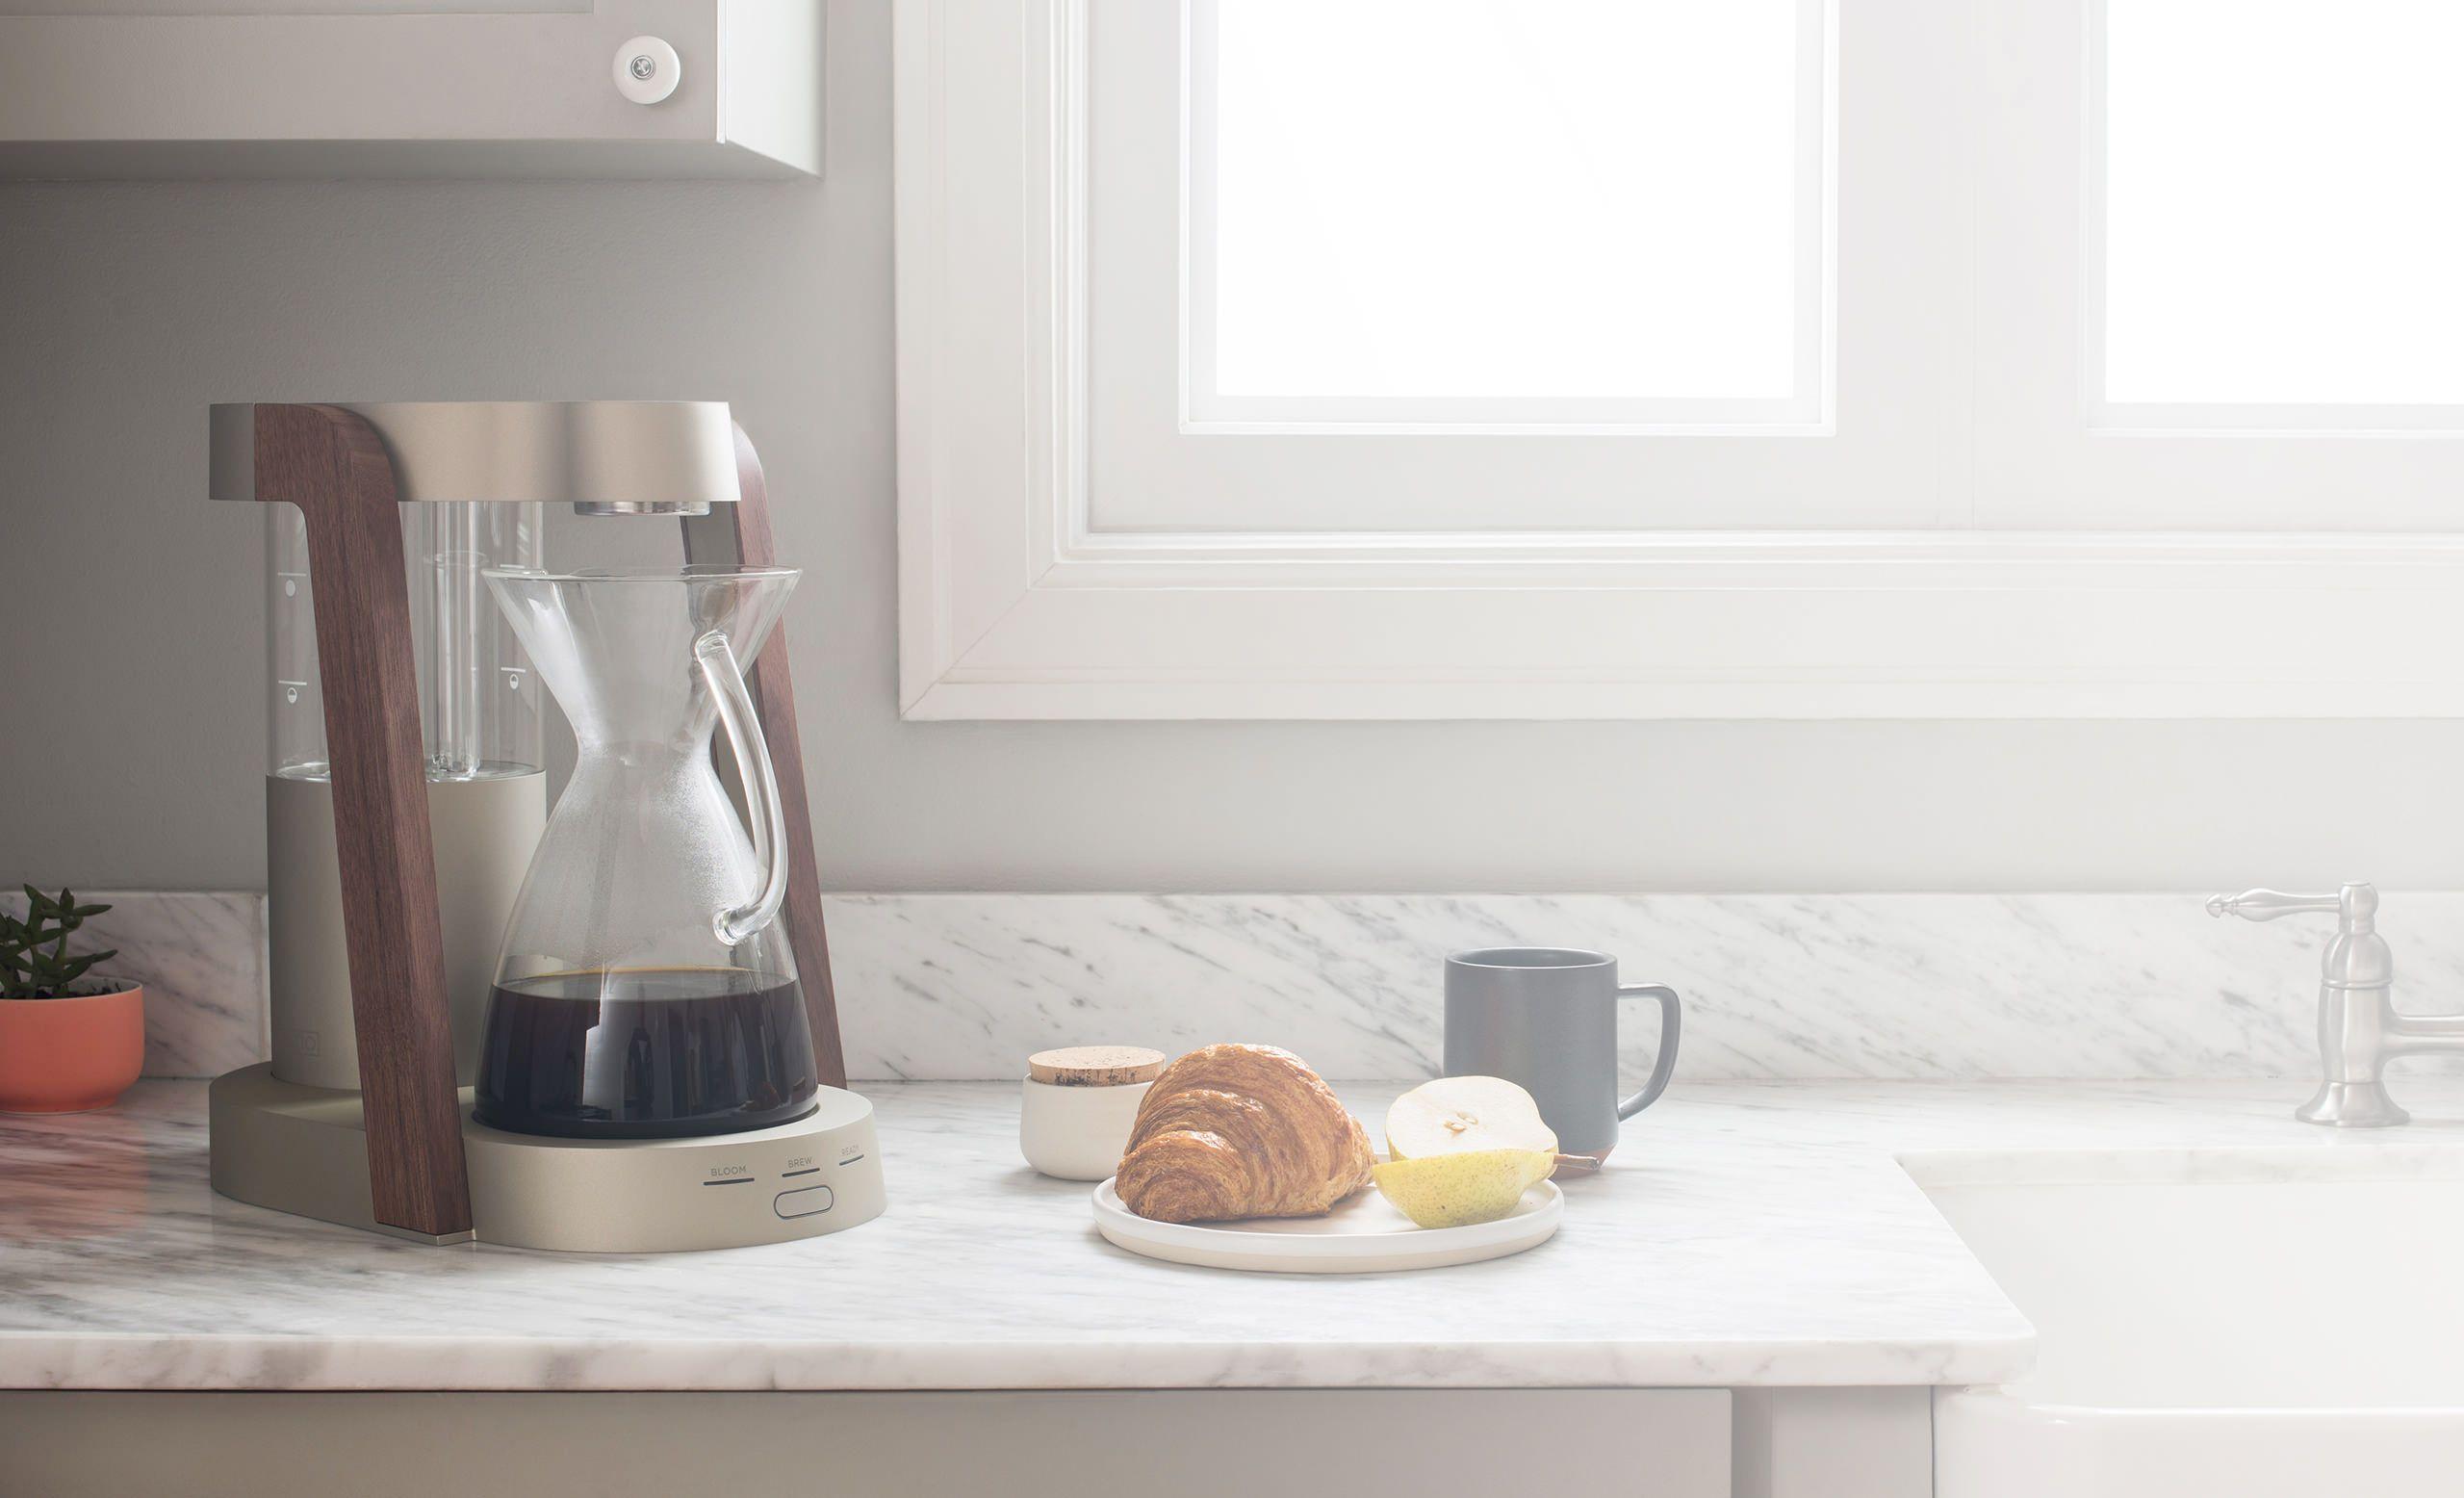 Ratio Coffee Coffee brewer, Coffee maker, Coffee